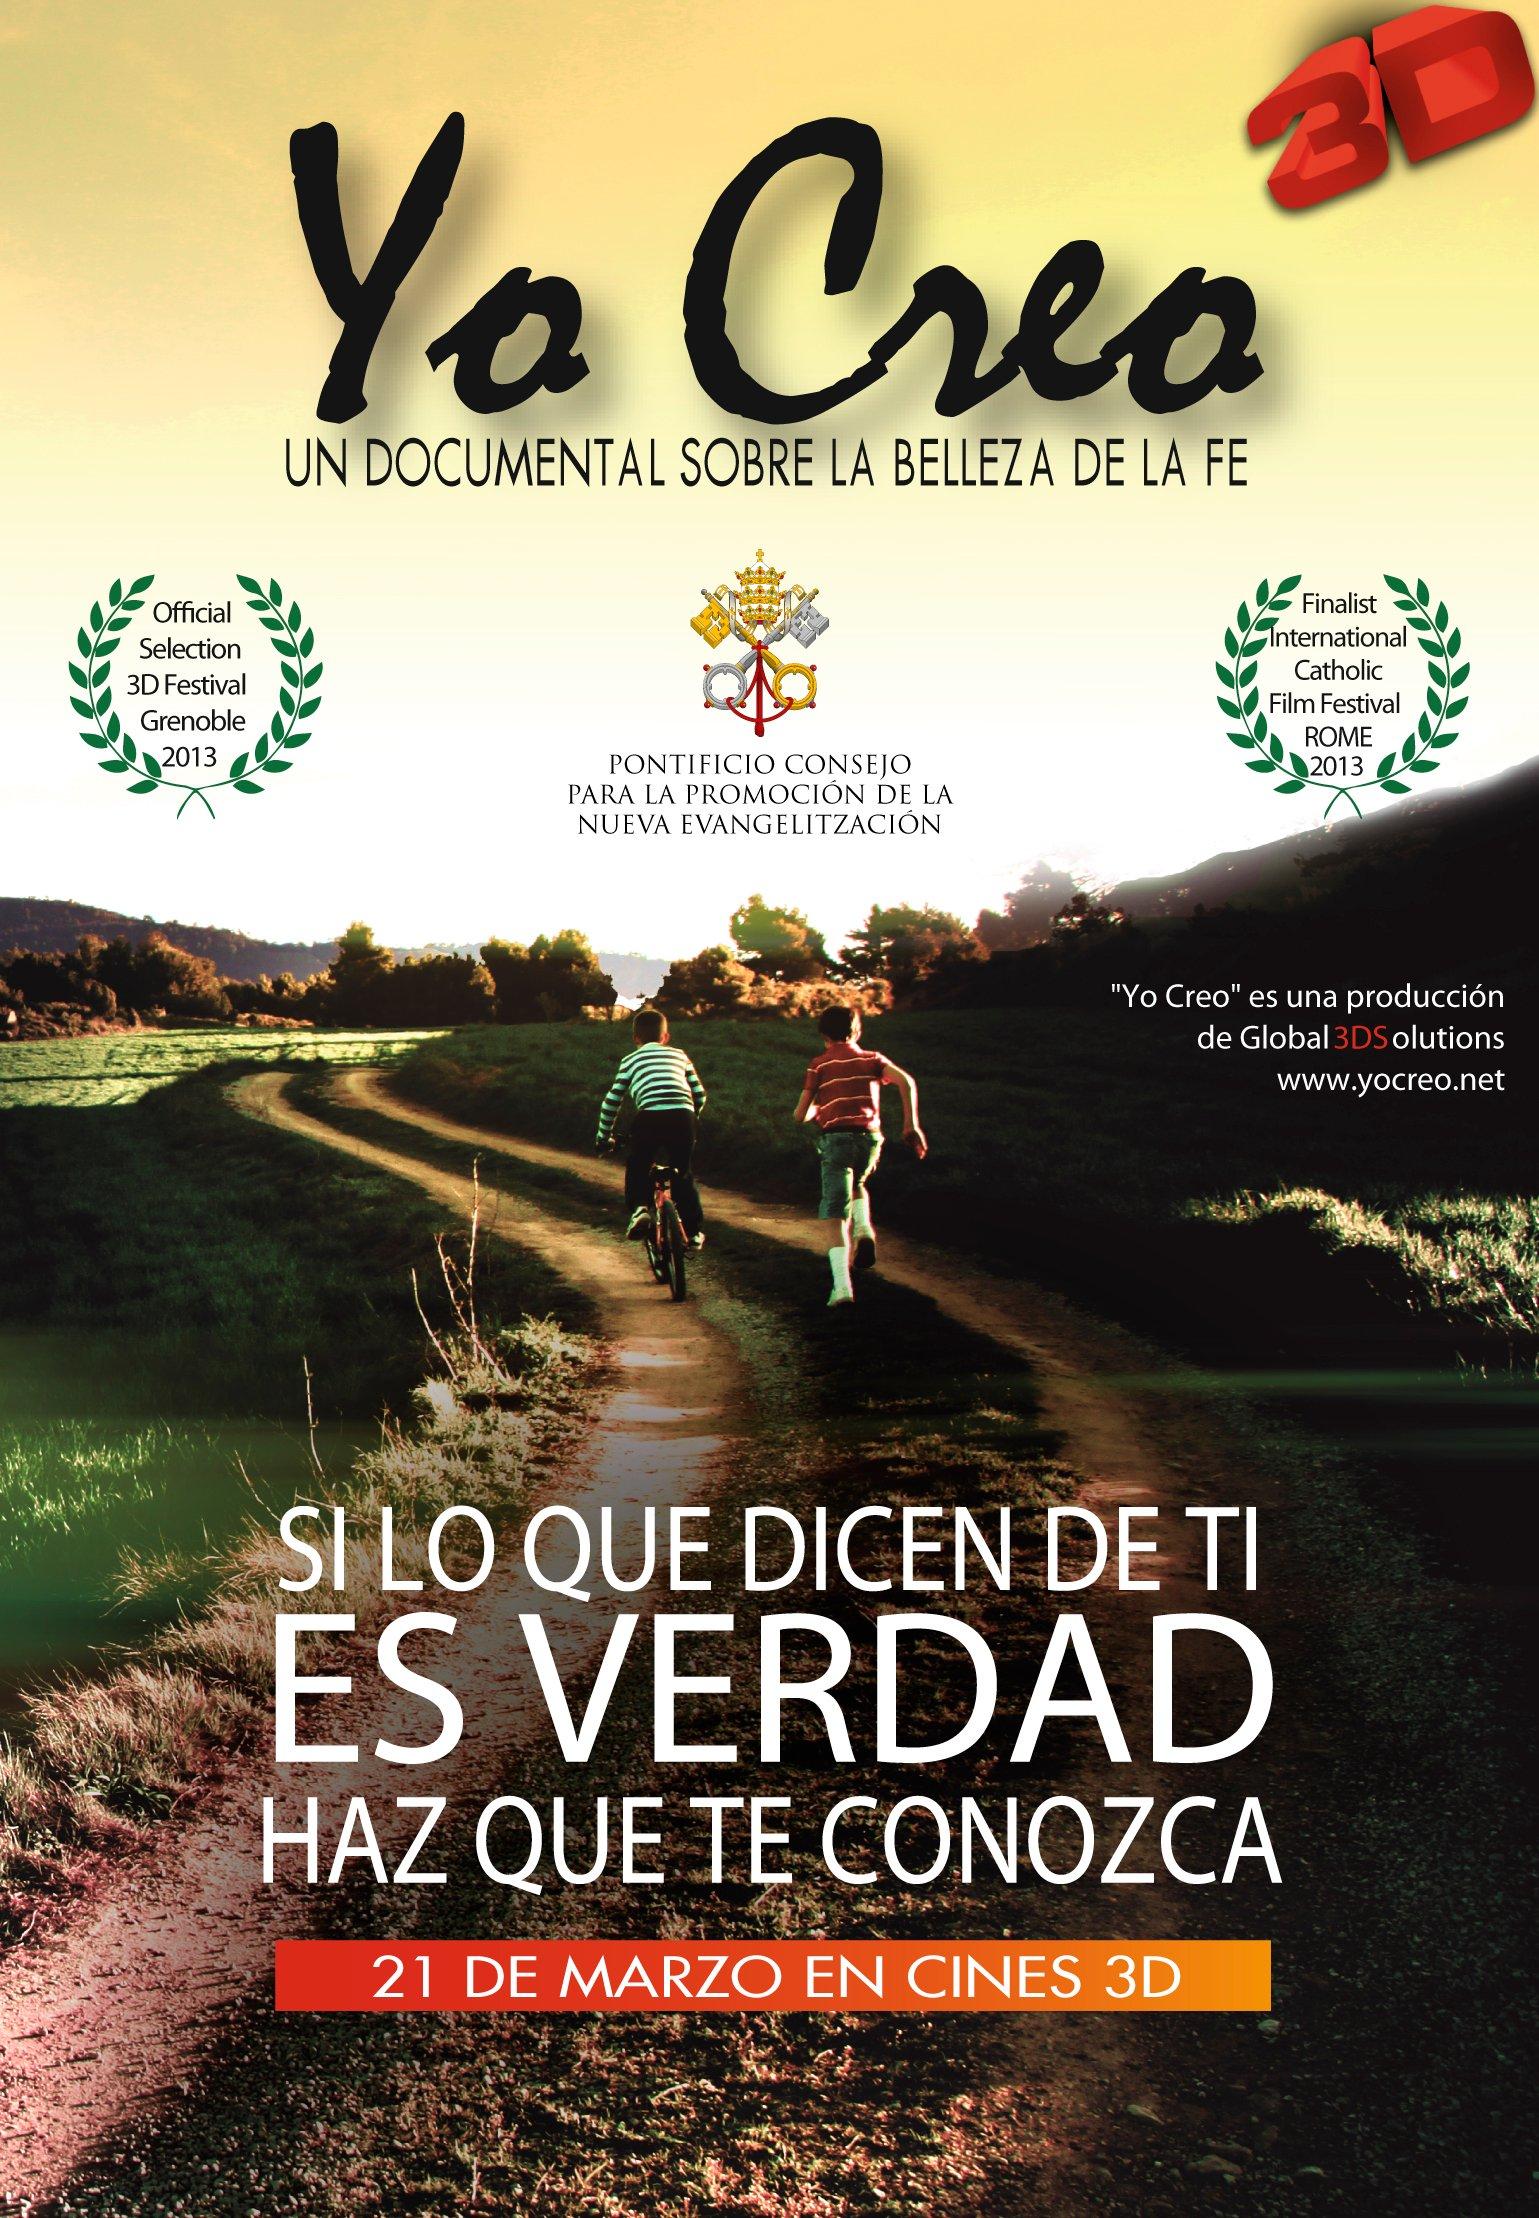 Documental español en 3D sobre el Credo